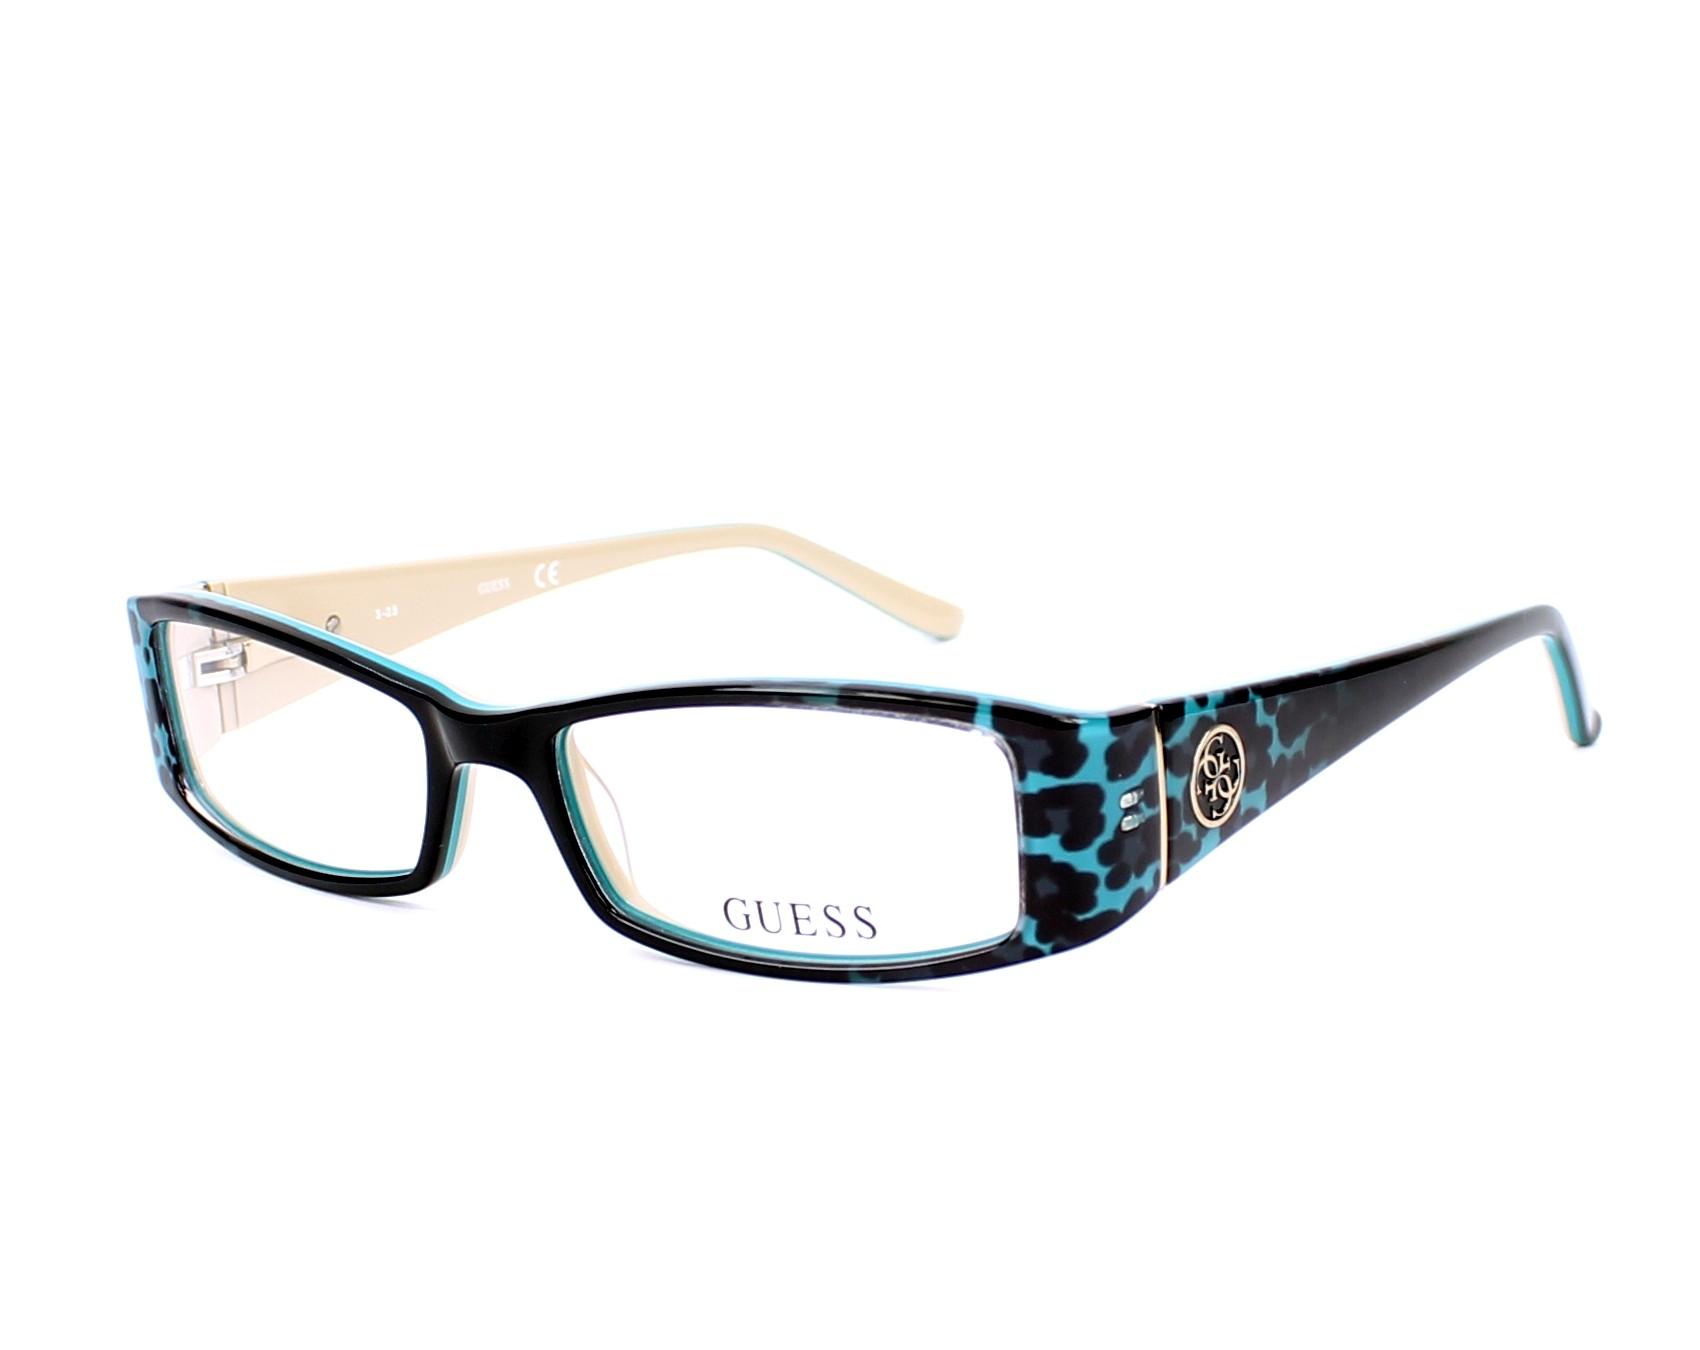 lunettes de vue guess gu 2537 089 noir monture femmes. Black Bedroom Furniture Sets. Home Design Ideas